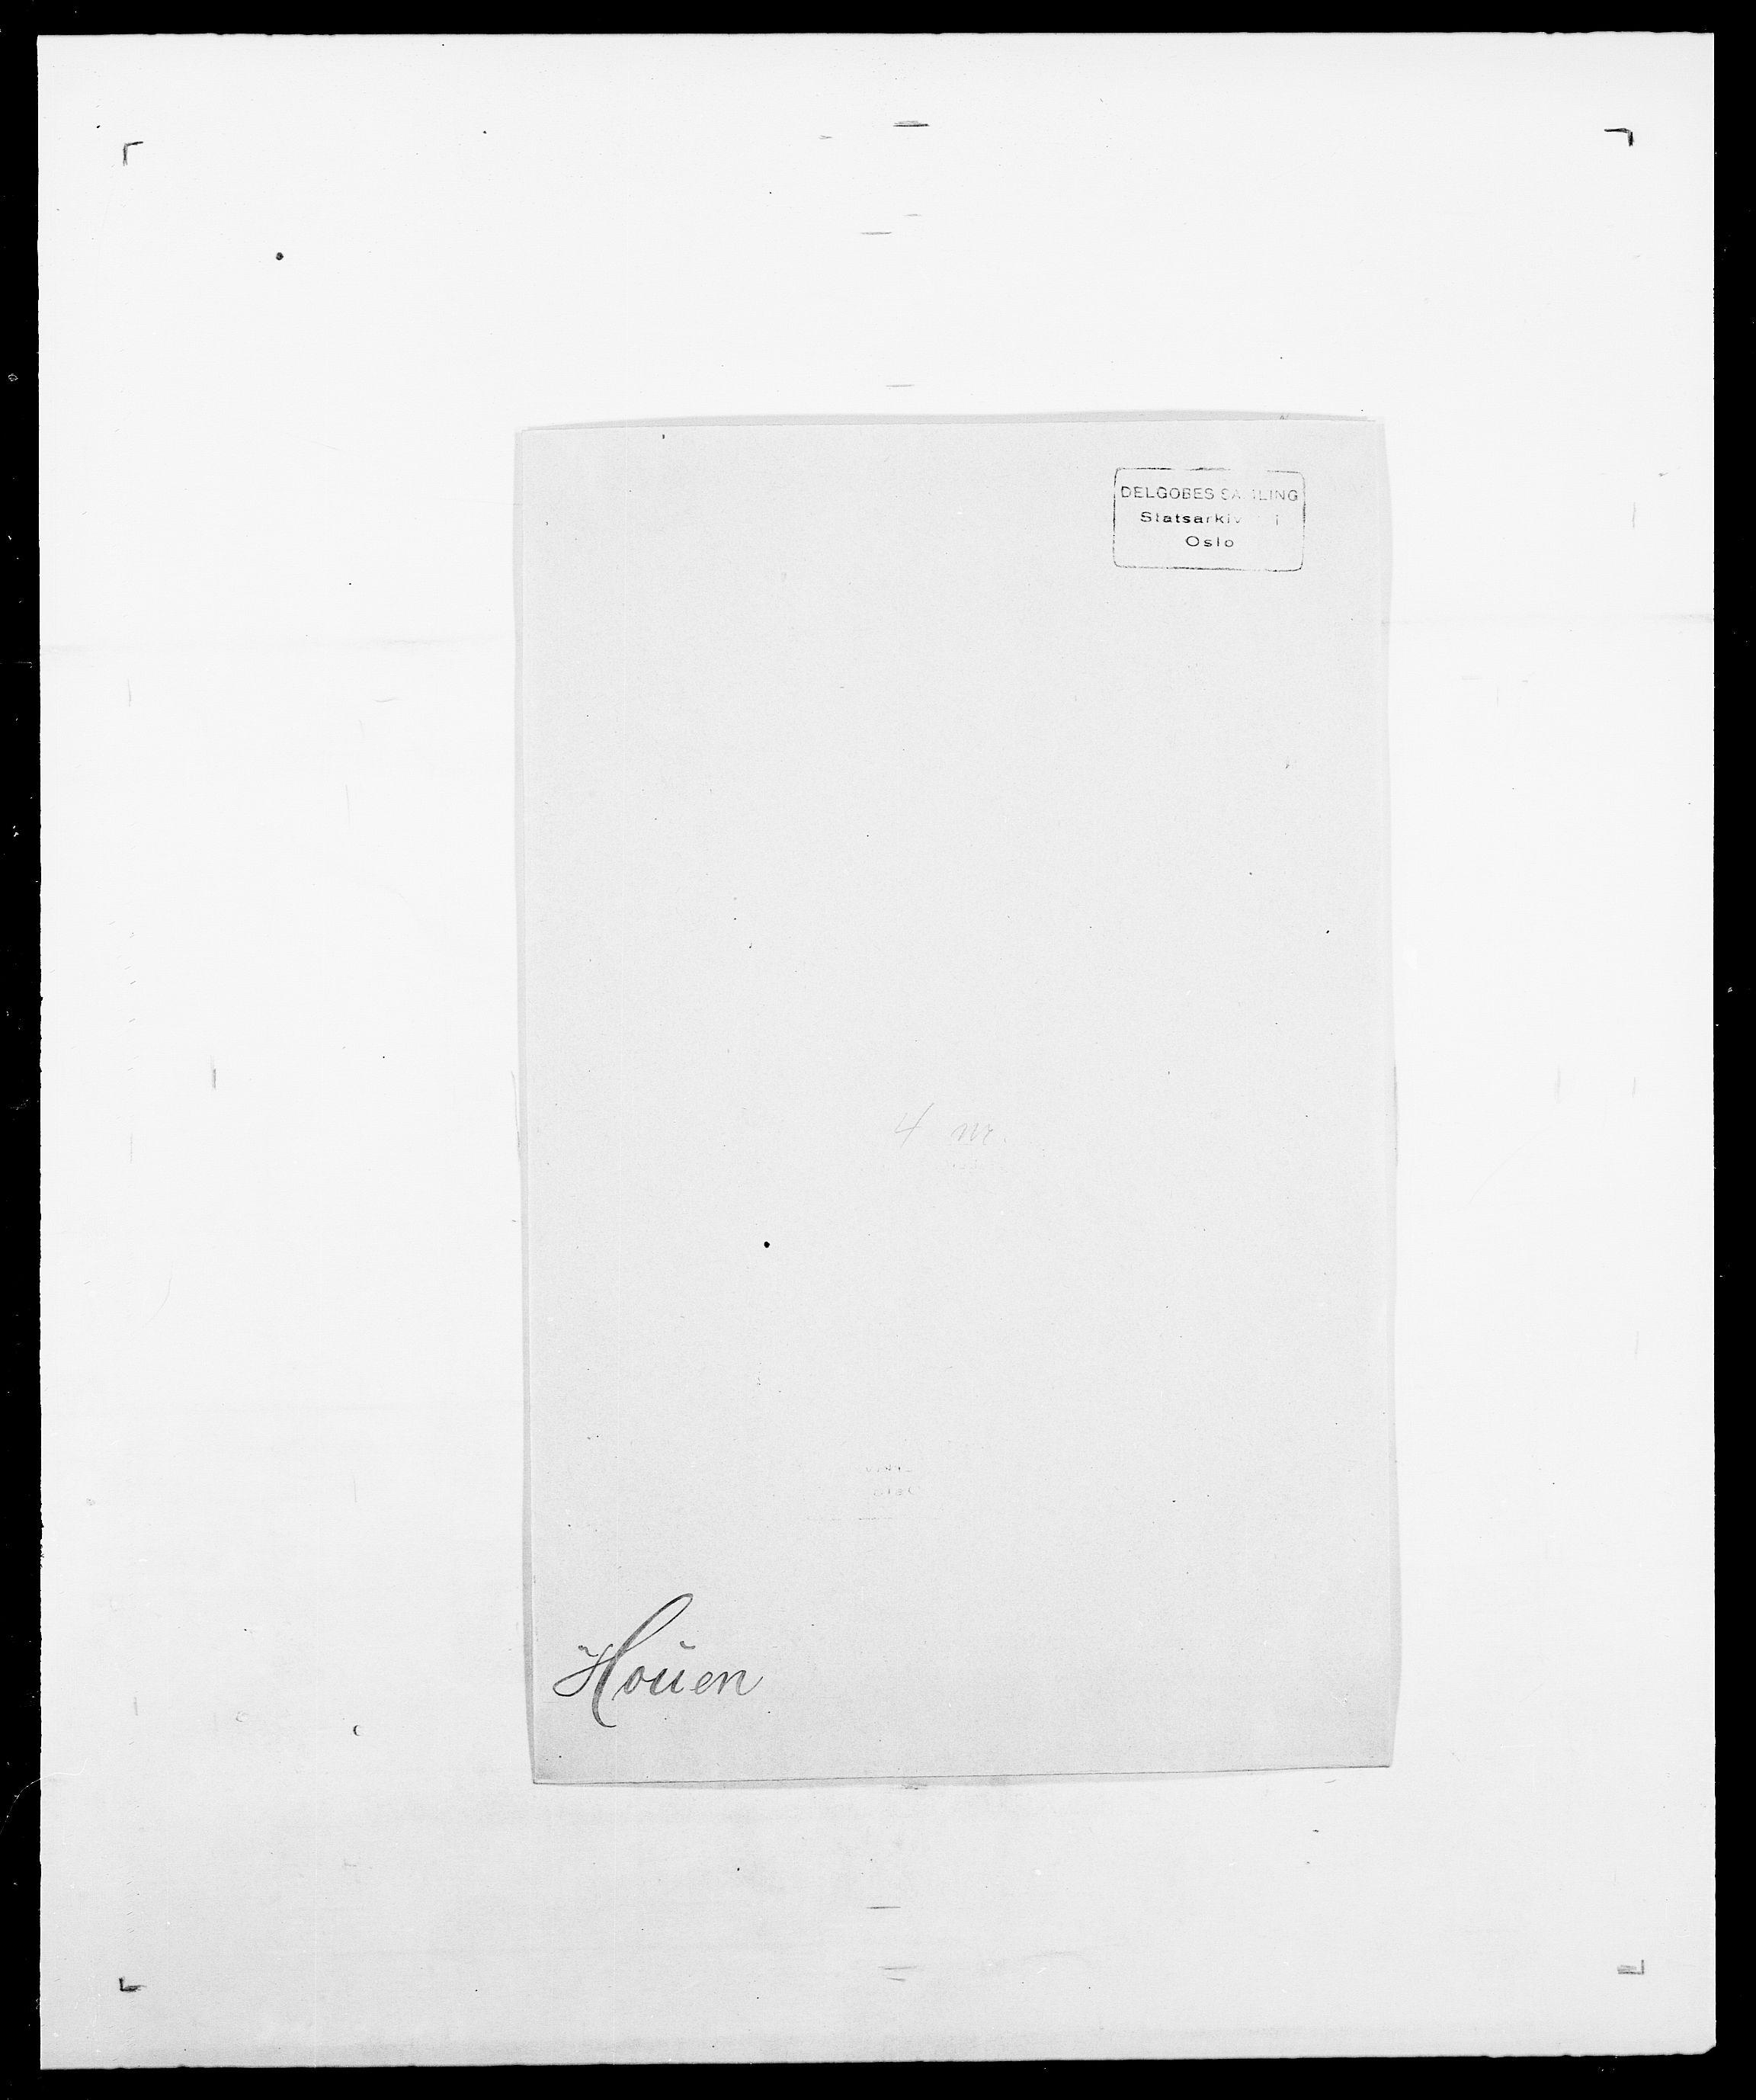 SAO, Delgobe, Charles Antoine - samling, D/Da/L0018: Hoch - Howert, s. 1007